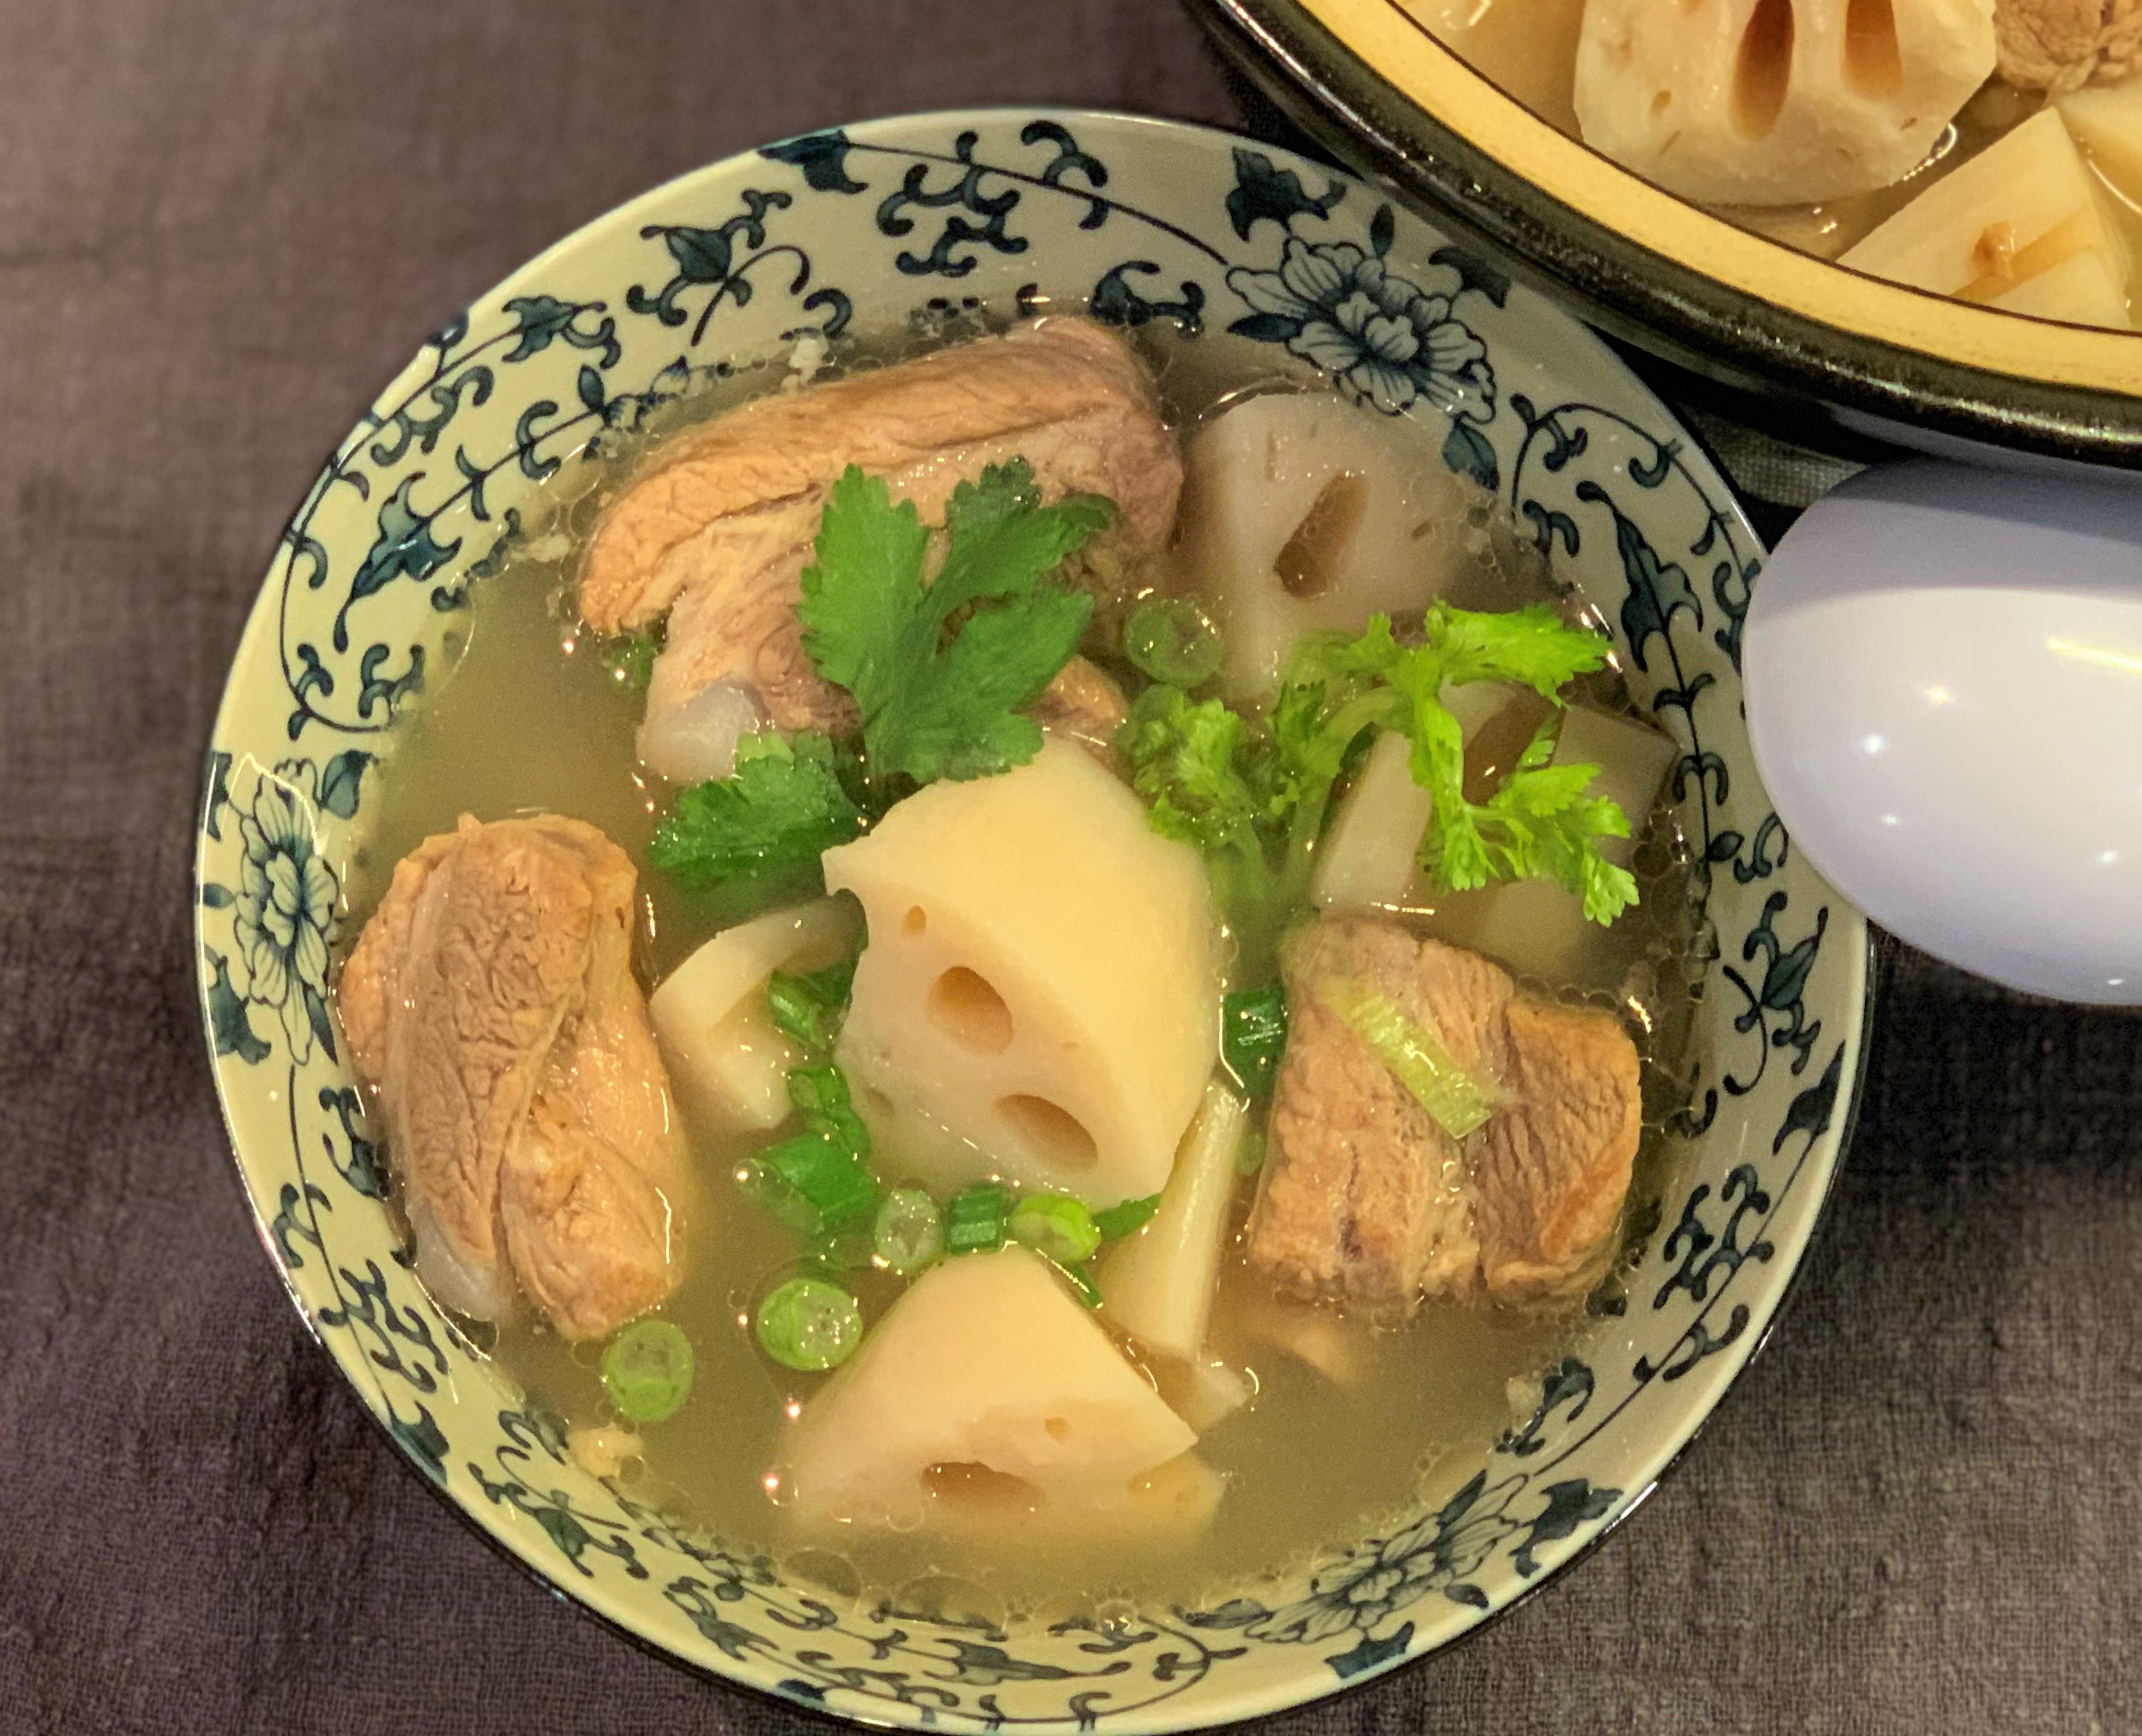 Lotus Root and Pork Rib Soup莲藕排骨汤lián ǒu pái gǔ tāng